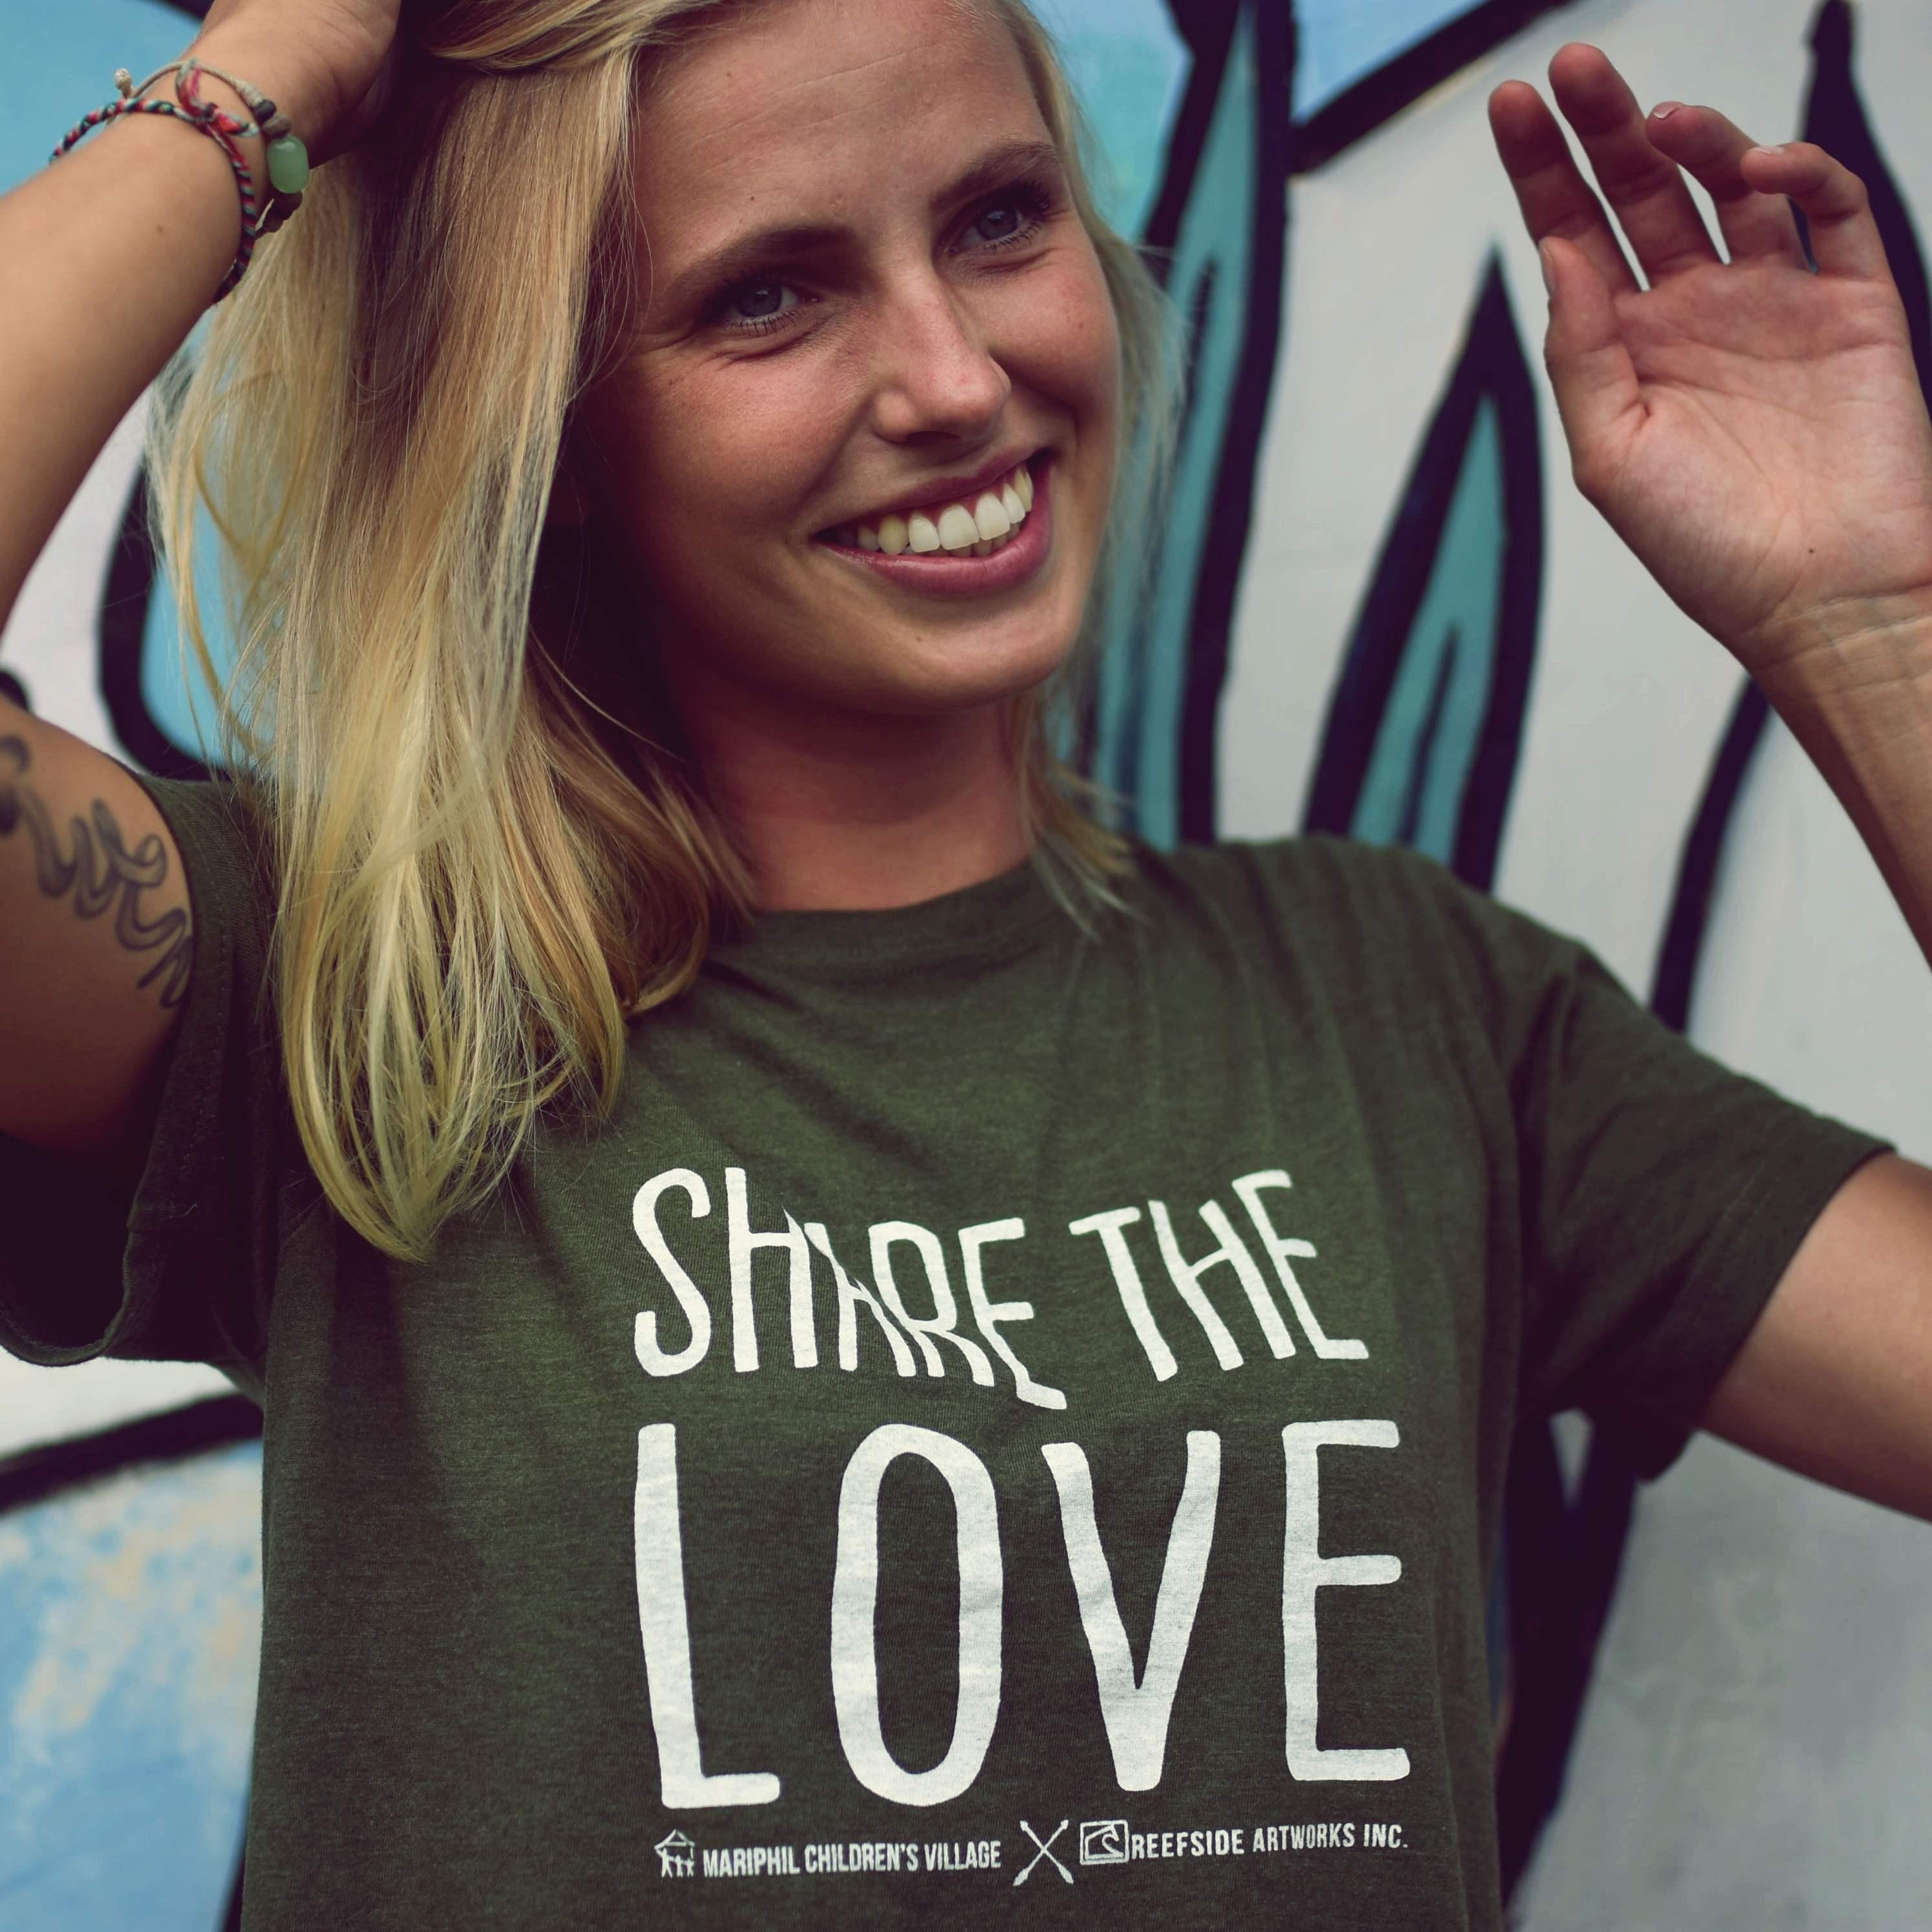 DSC 8519 - Share the love T-shirts